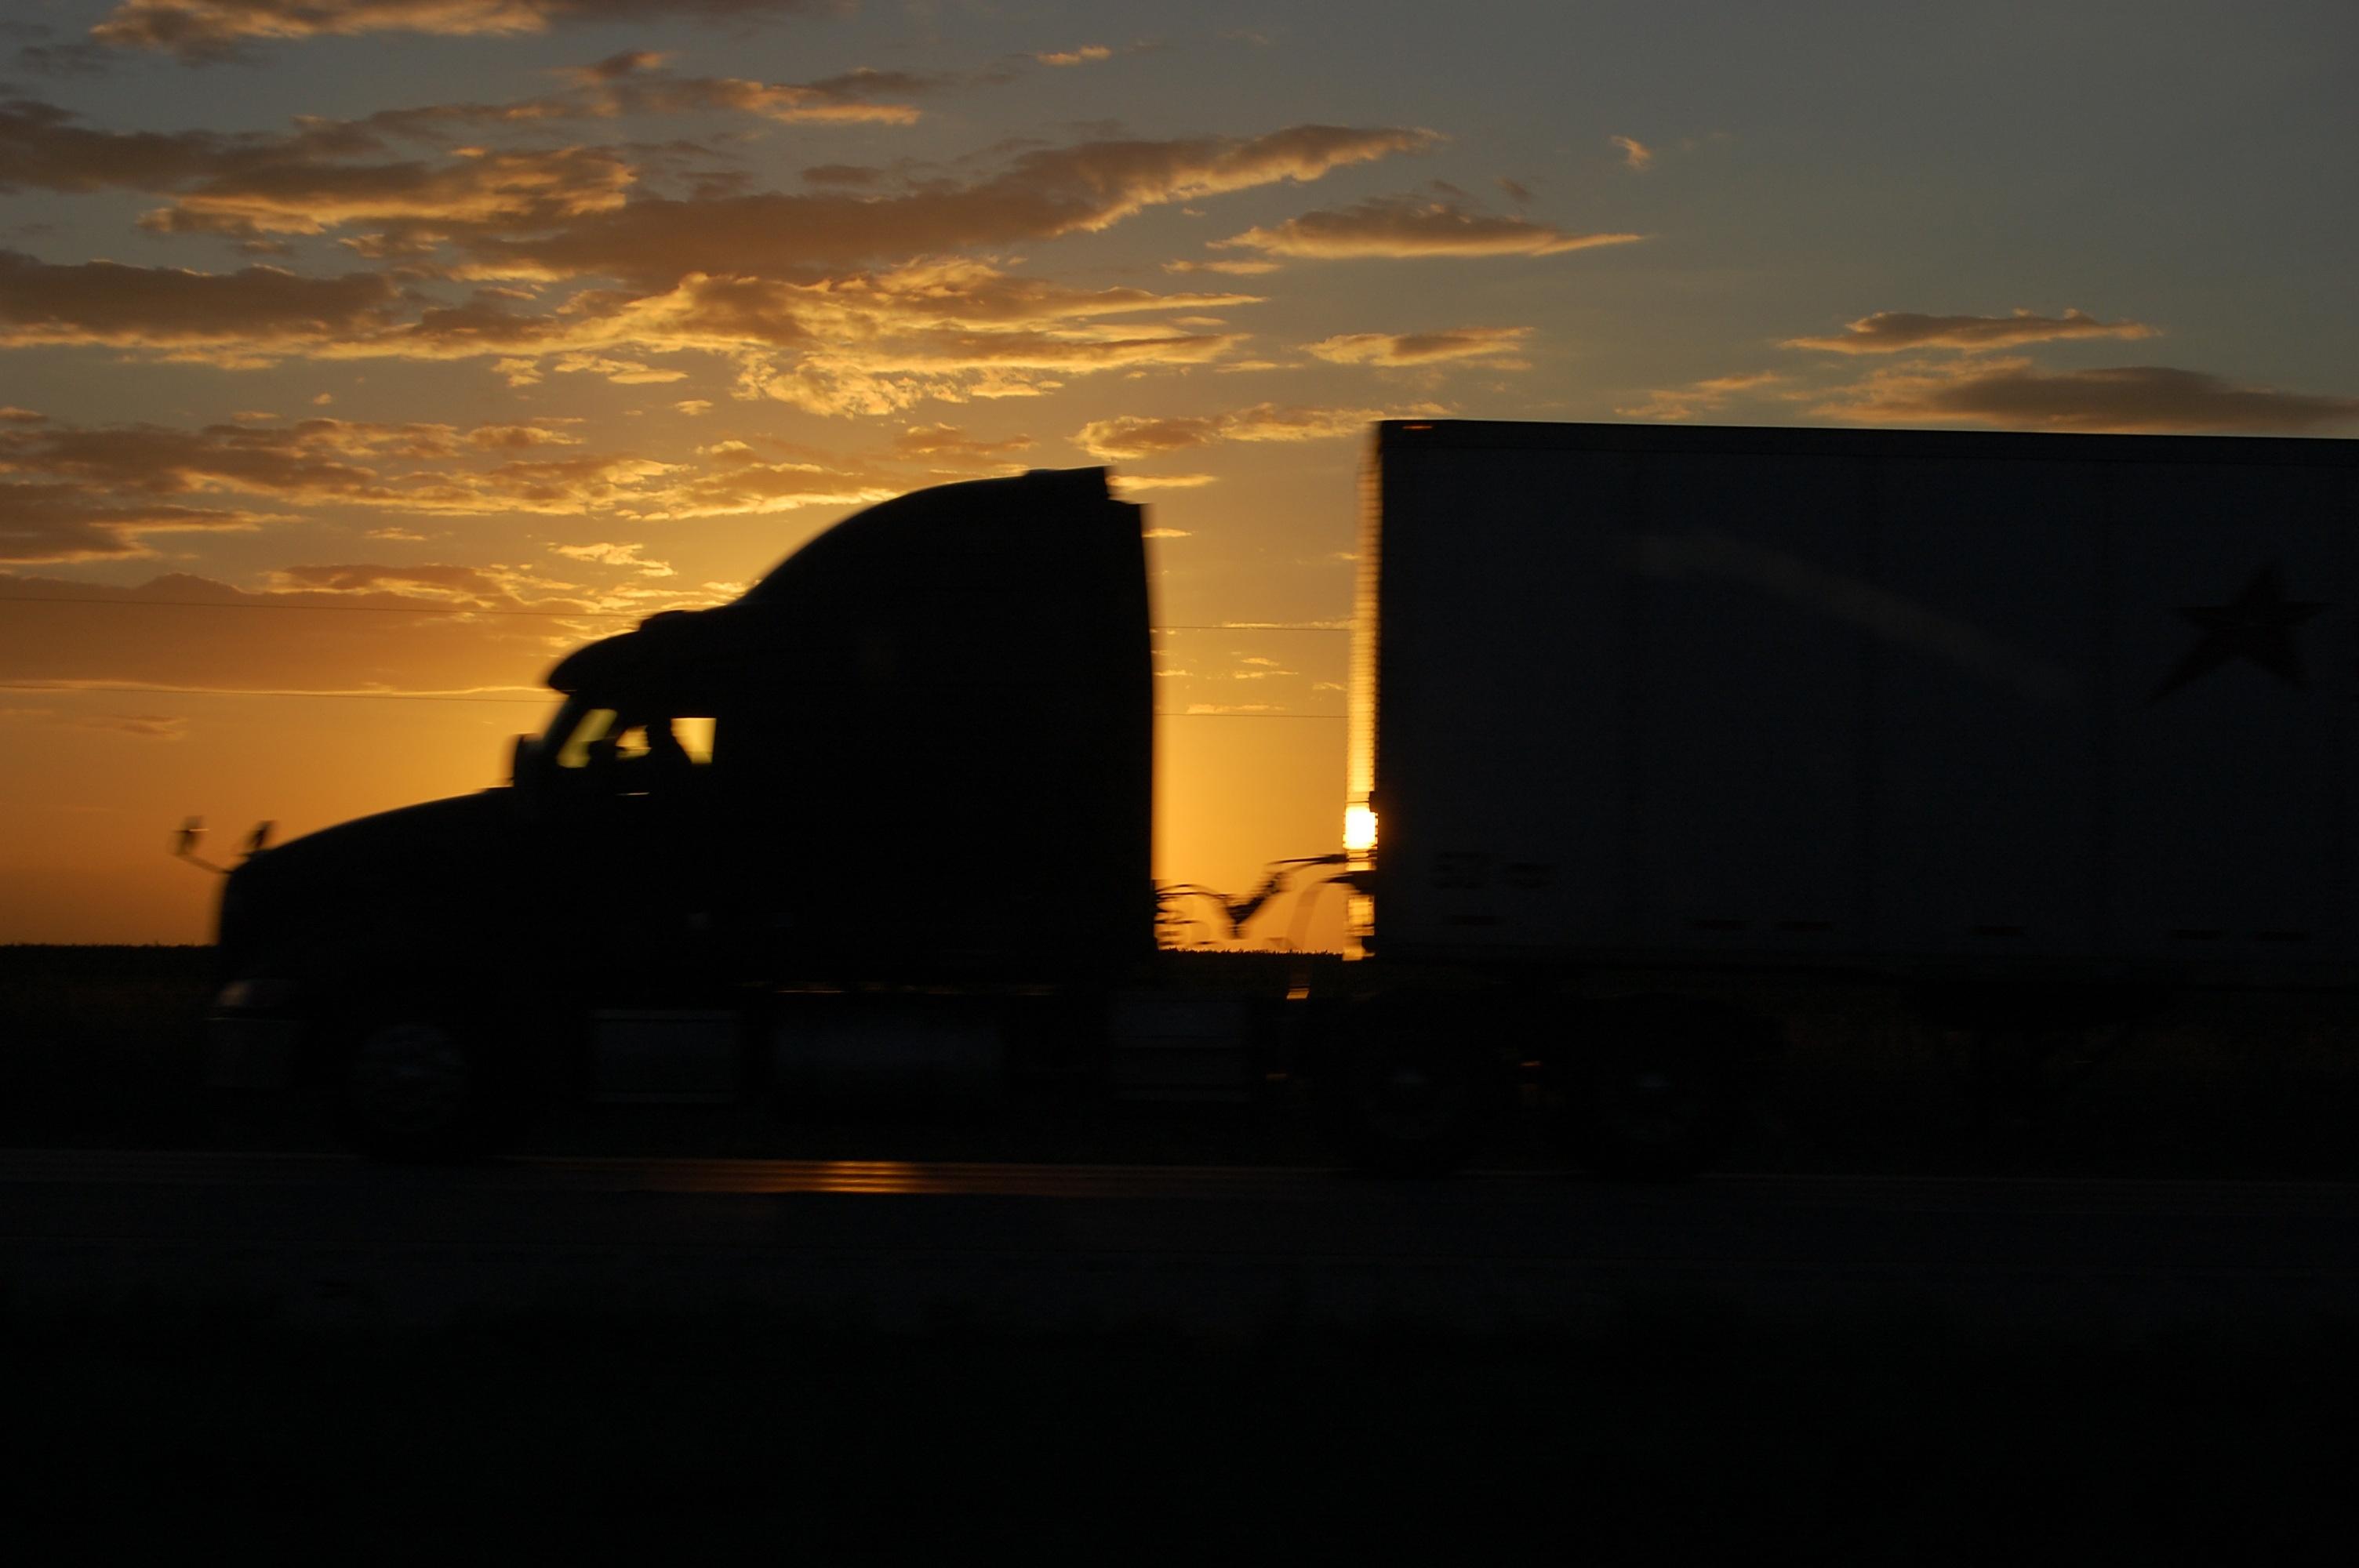 sunset-run-1333834